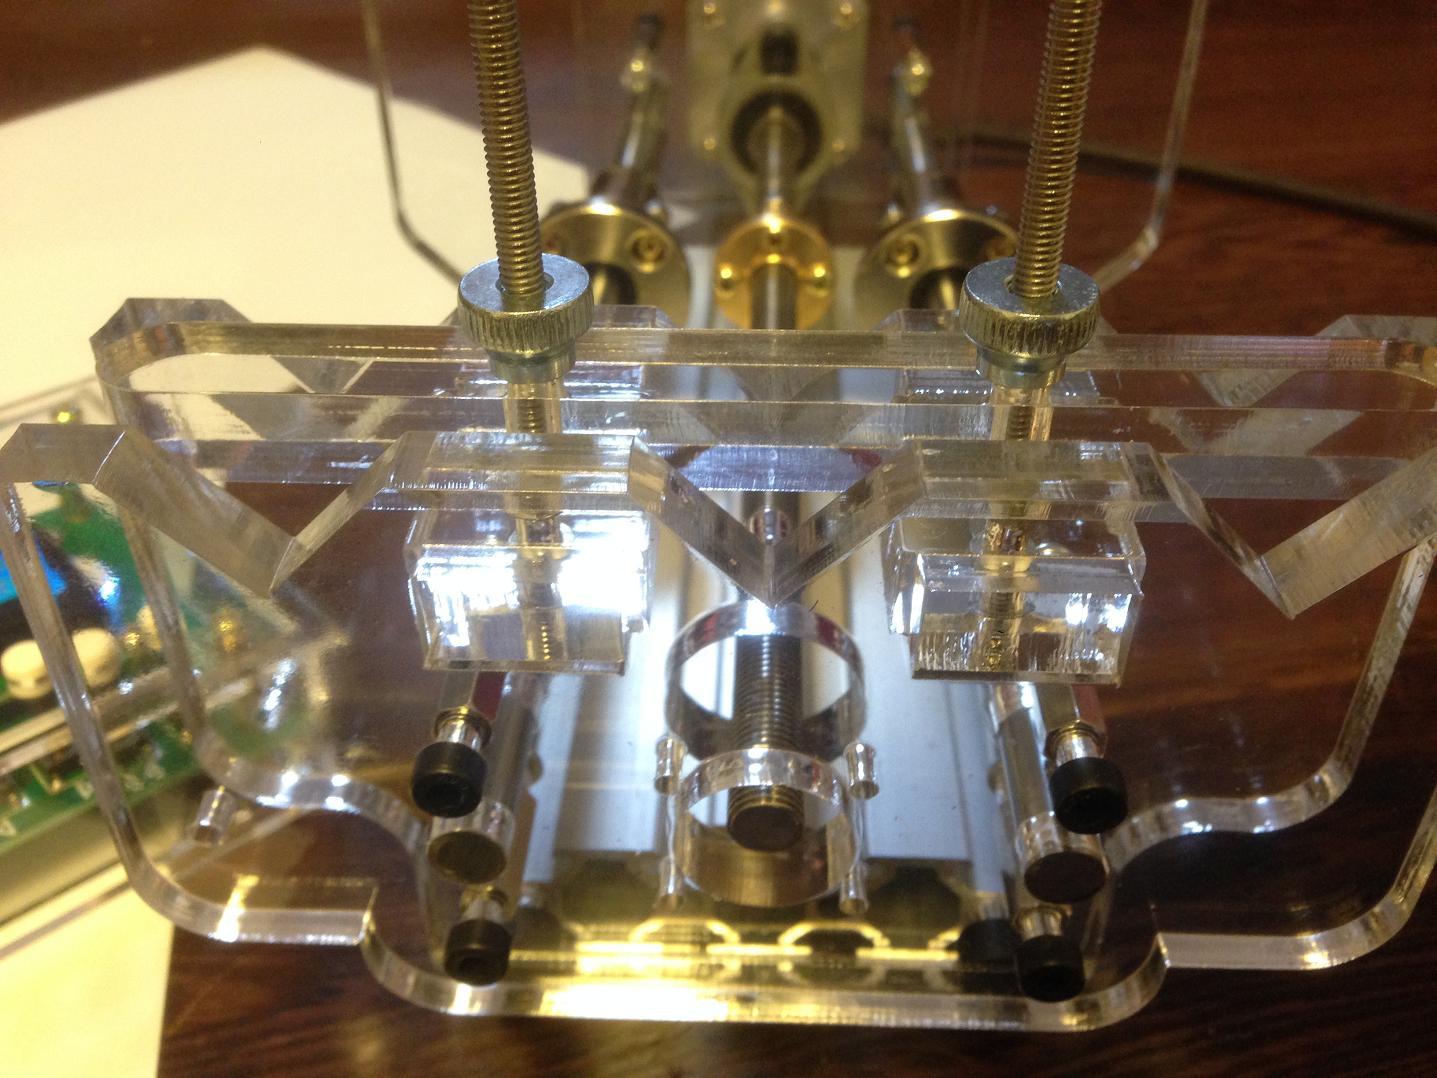 Tools : Three-channel Syringe Pump   Laboratory Micro Syringe Pump   Dispenser   Syringe Thruster